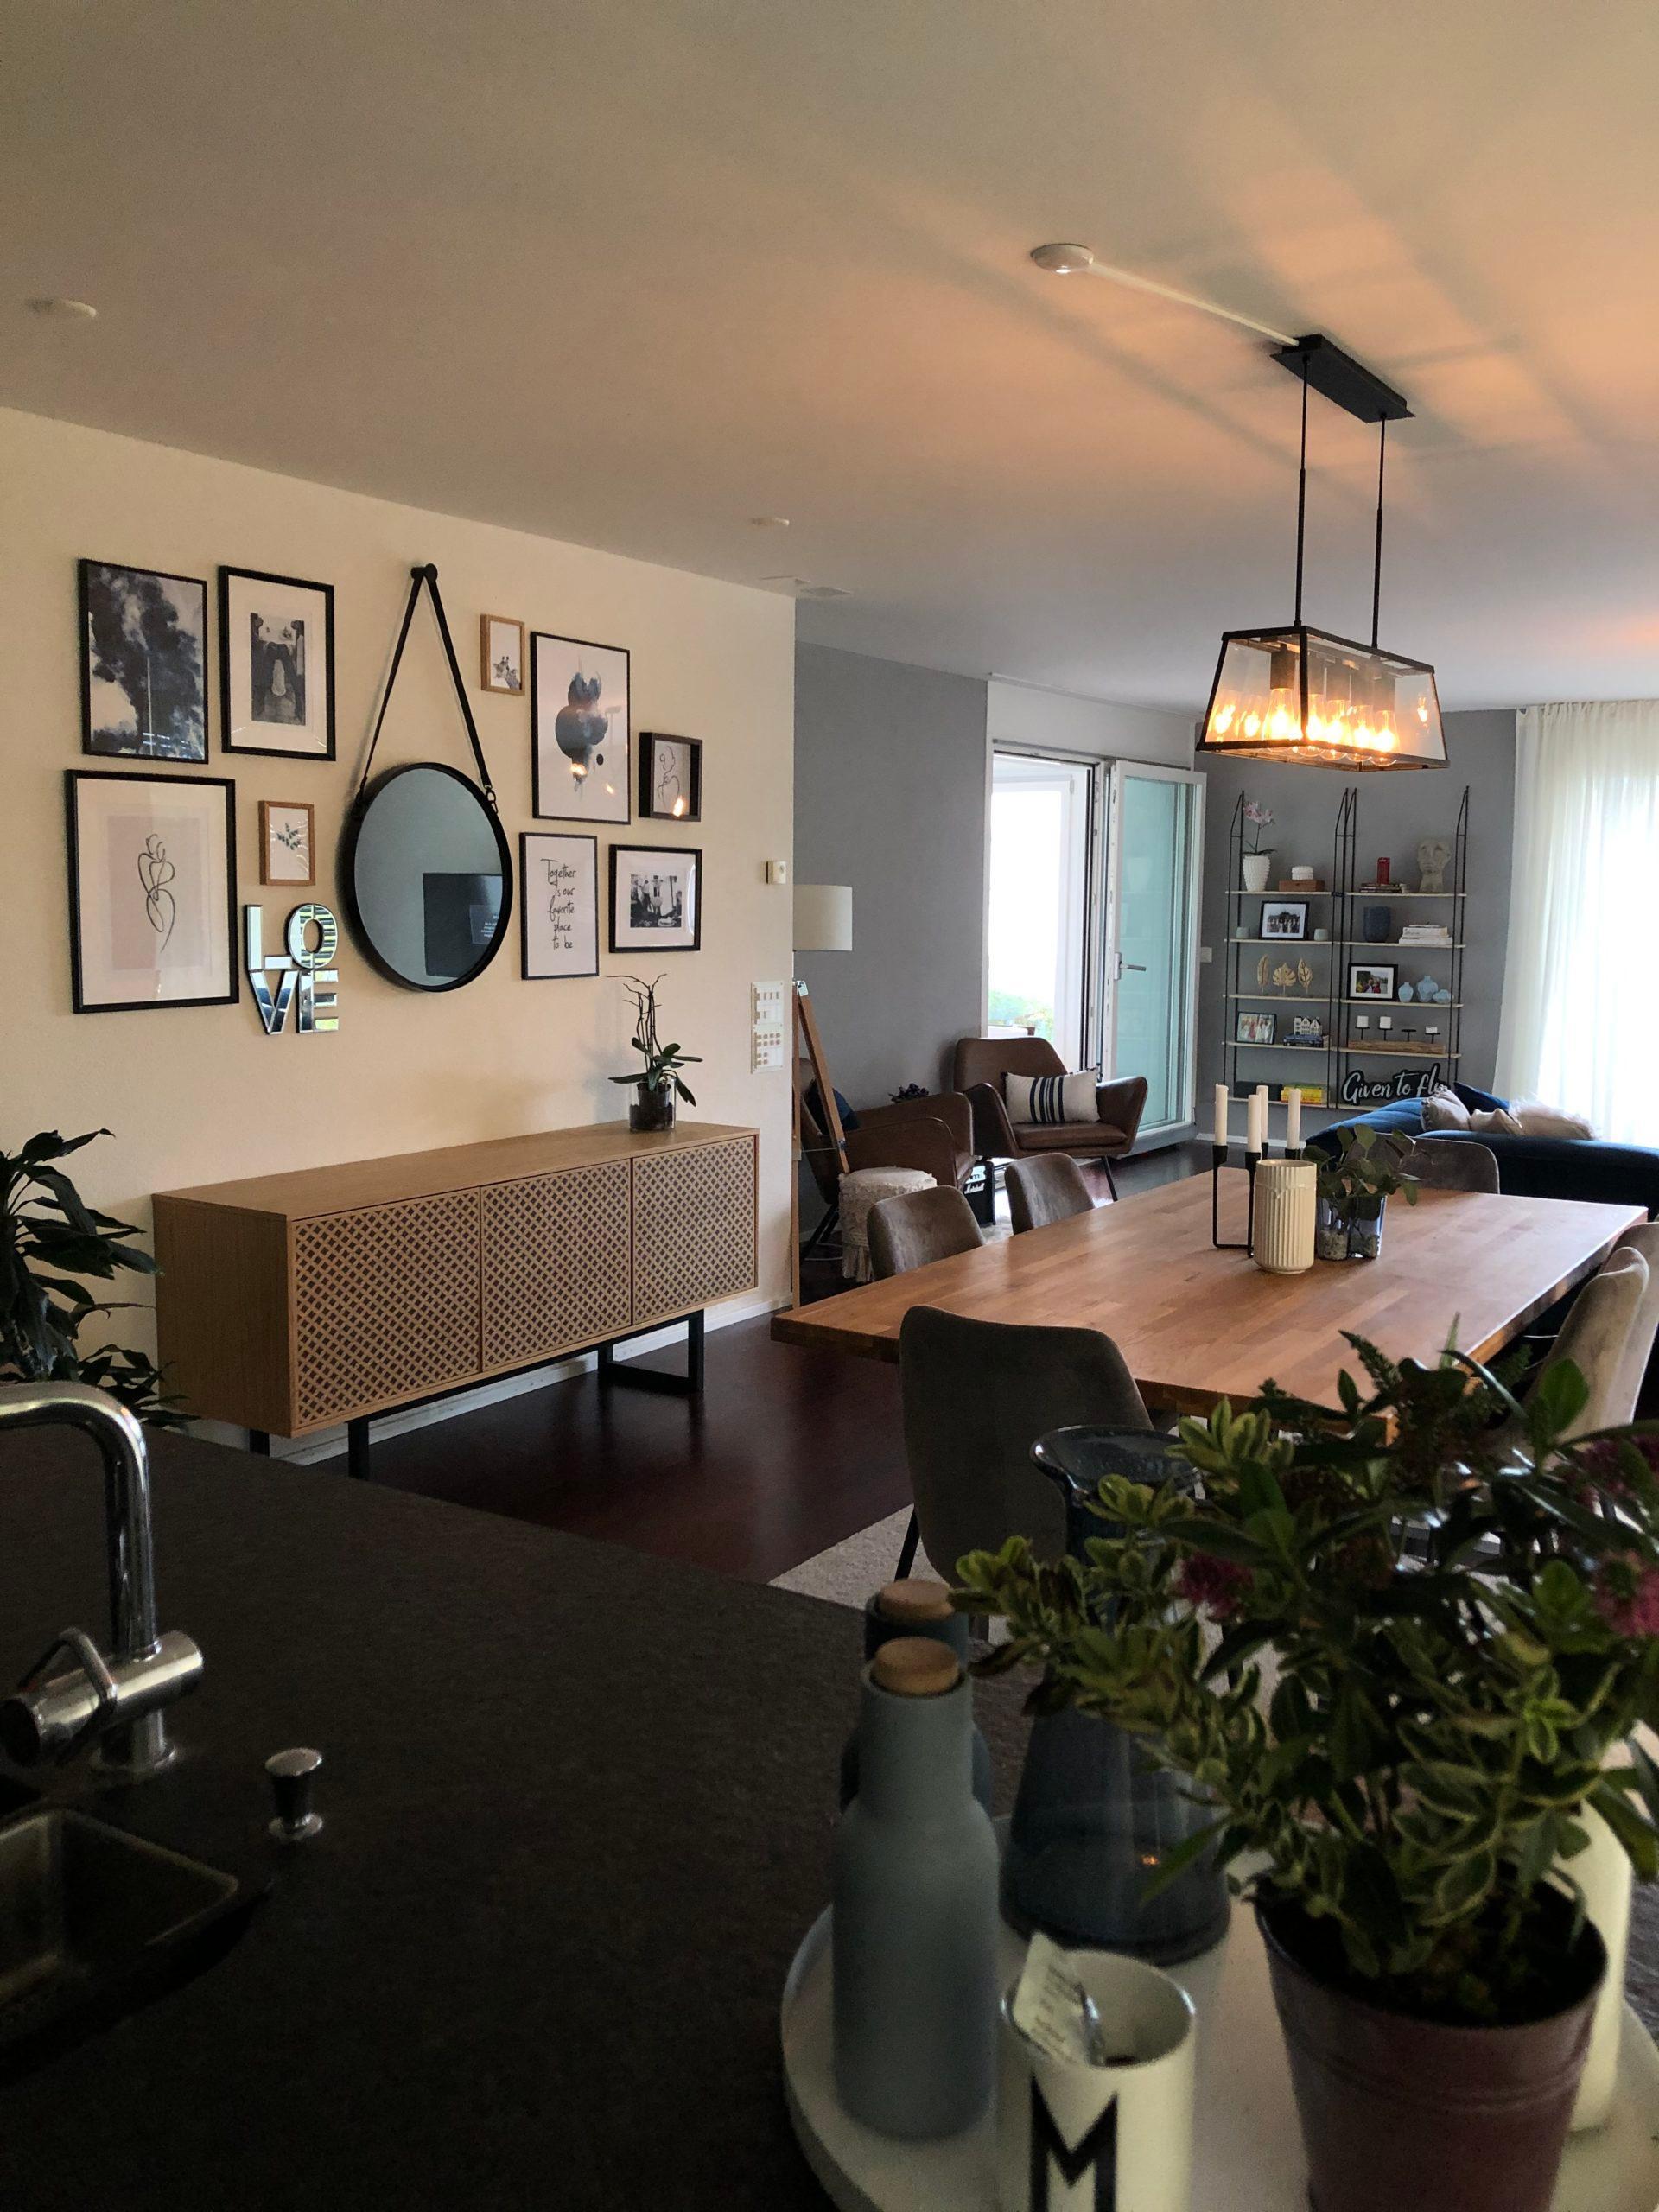 neue Wohnung einrichten Nachher Essbereich Wohnbereich komplett